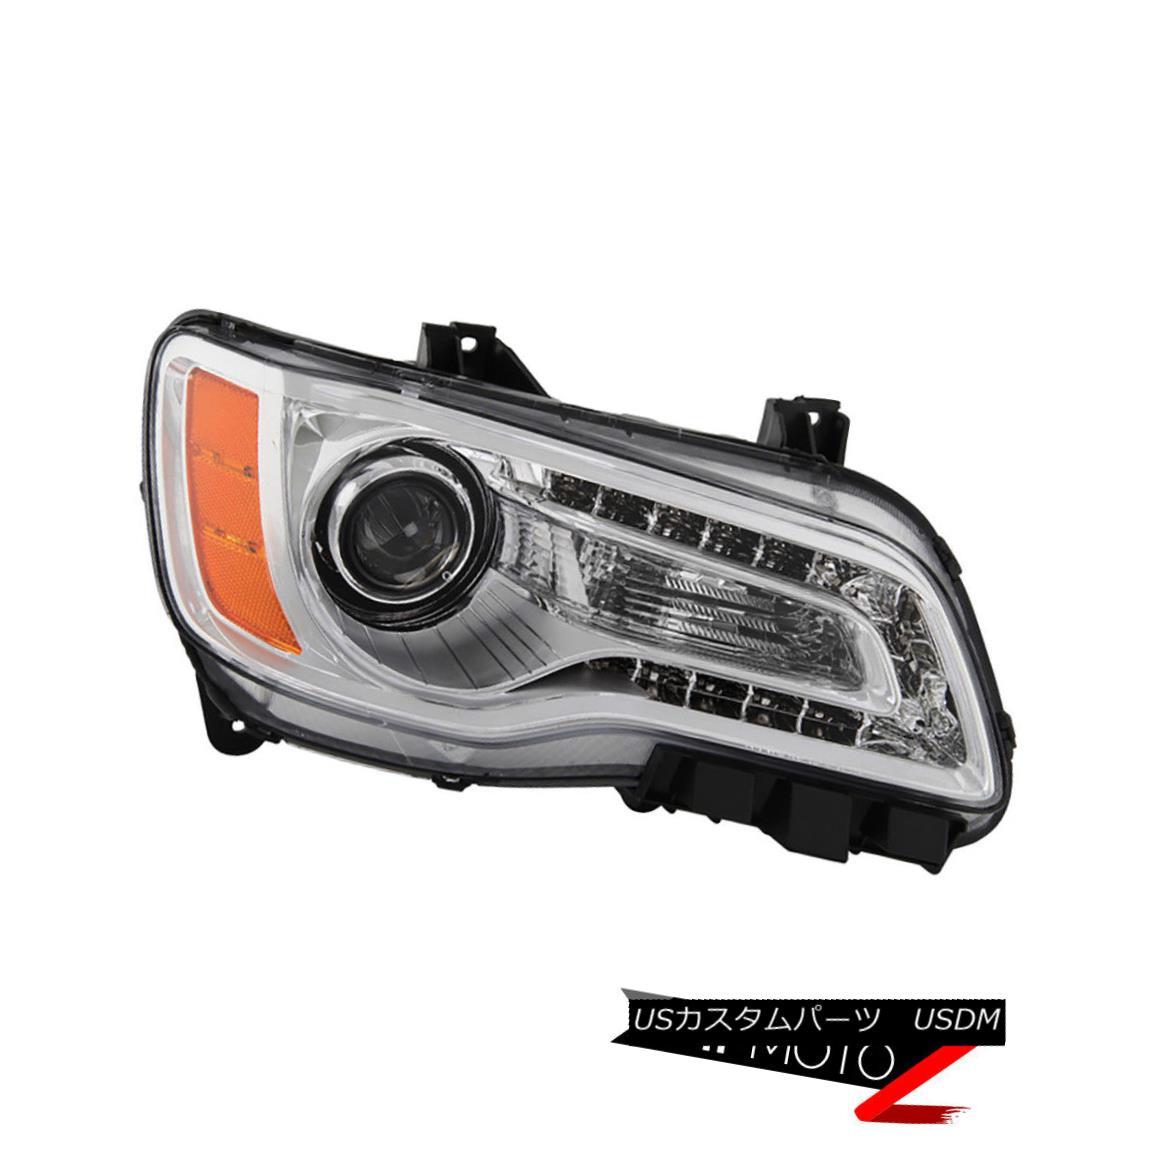 ヘッドライト {Passenger Side} 2011-2014 Chrysler 300 SRT LED Chrome DRL Headlight Right Lamp {乗客側} 2011-2014クライスラー300 SRT LEDクロームDRLヘッドライトライト